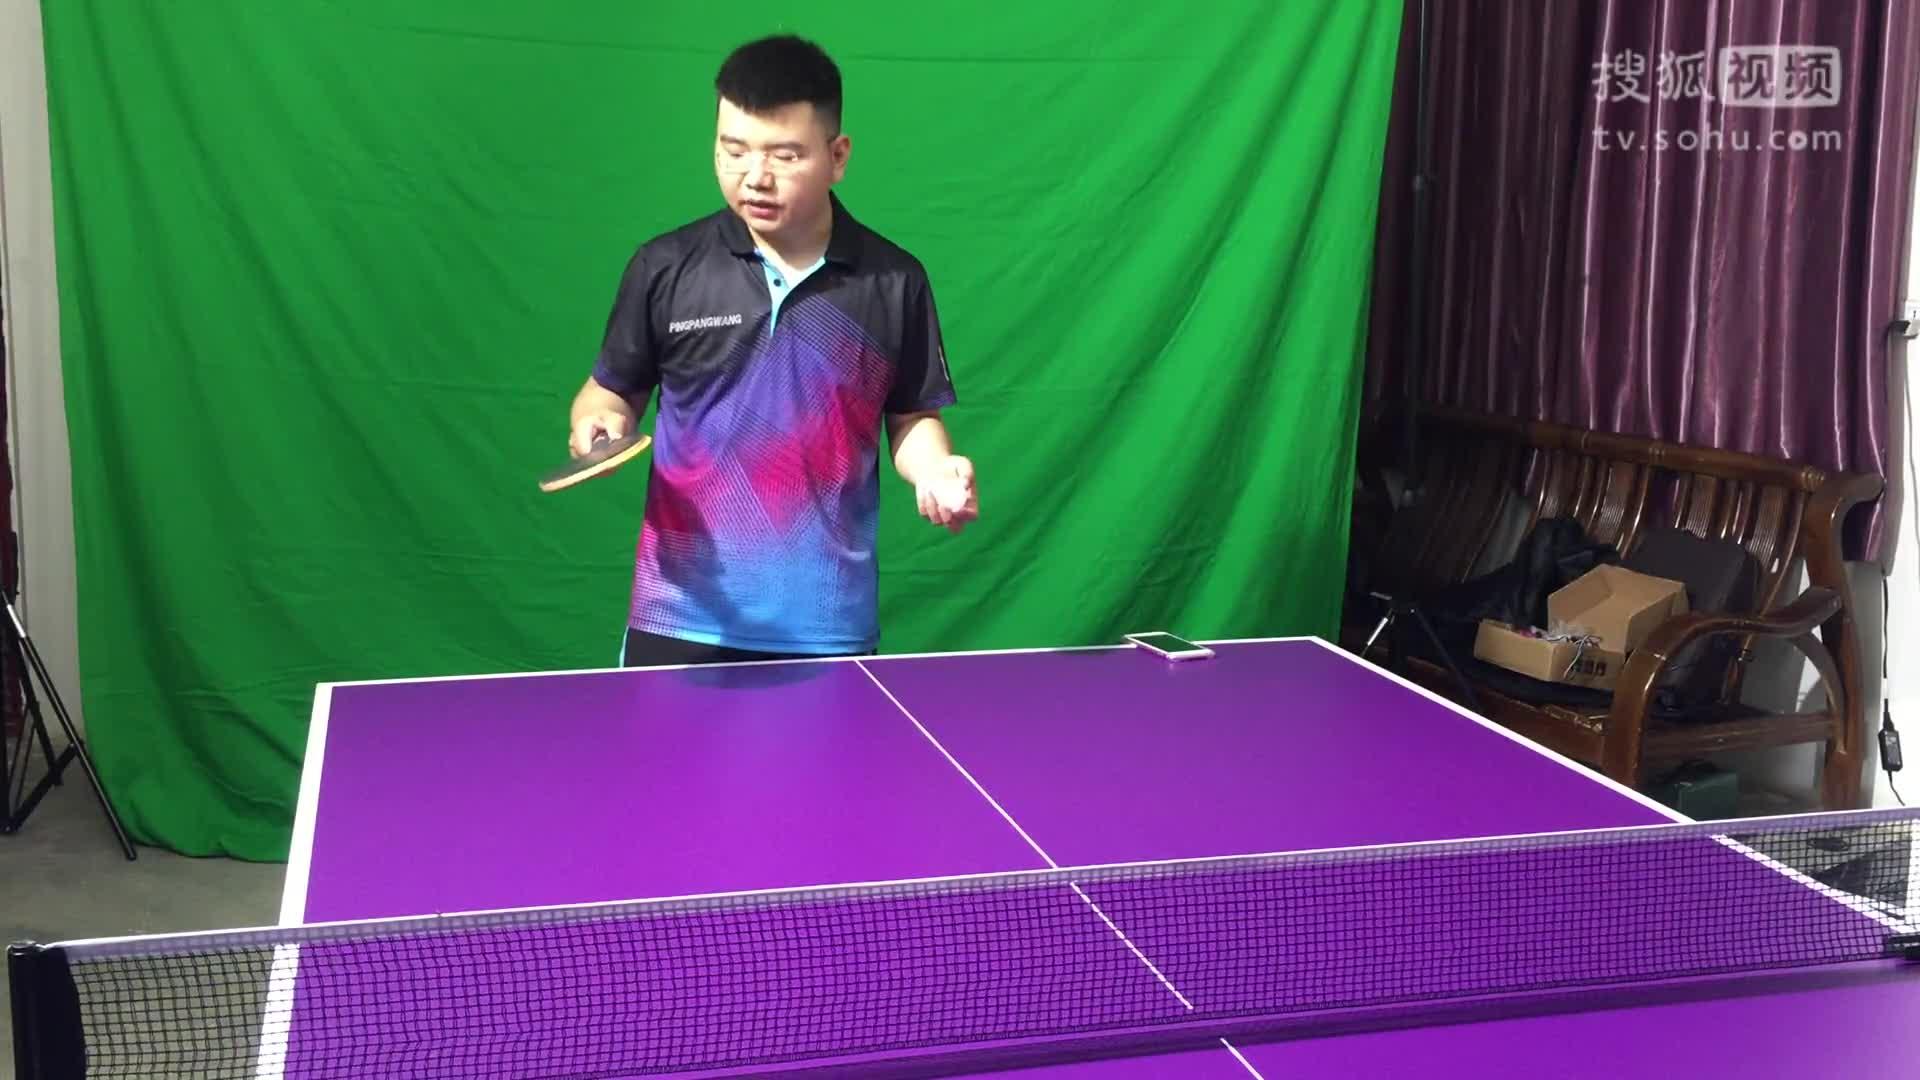 《乒乓网私人教练》灌胶膨胀的有效方法,灌油刷胶打底的作用_乒乓球教学视频